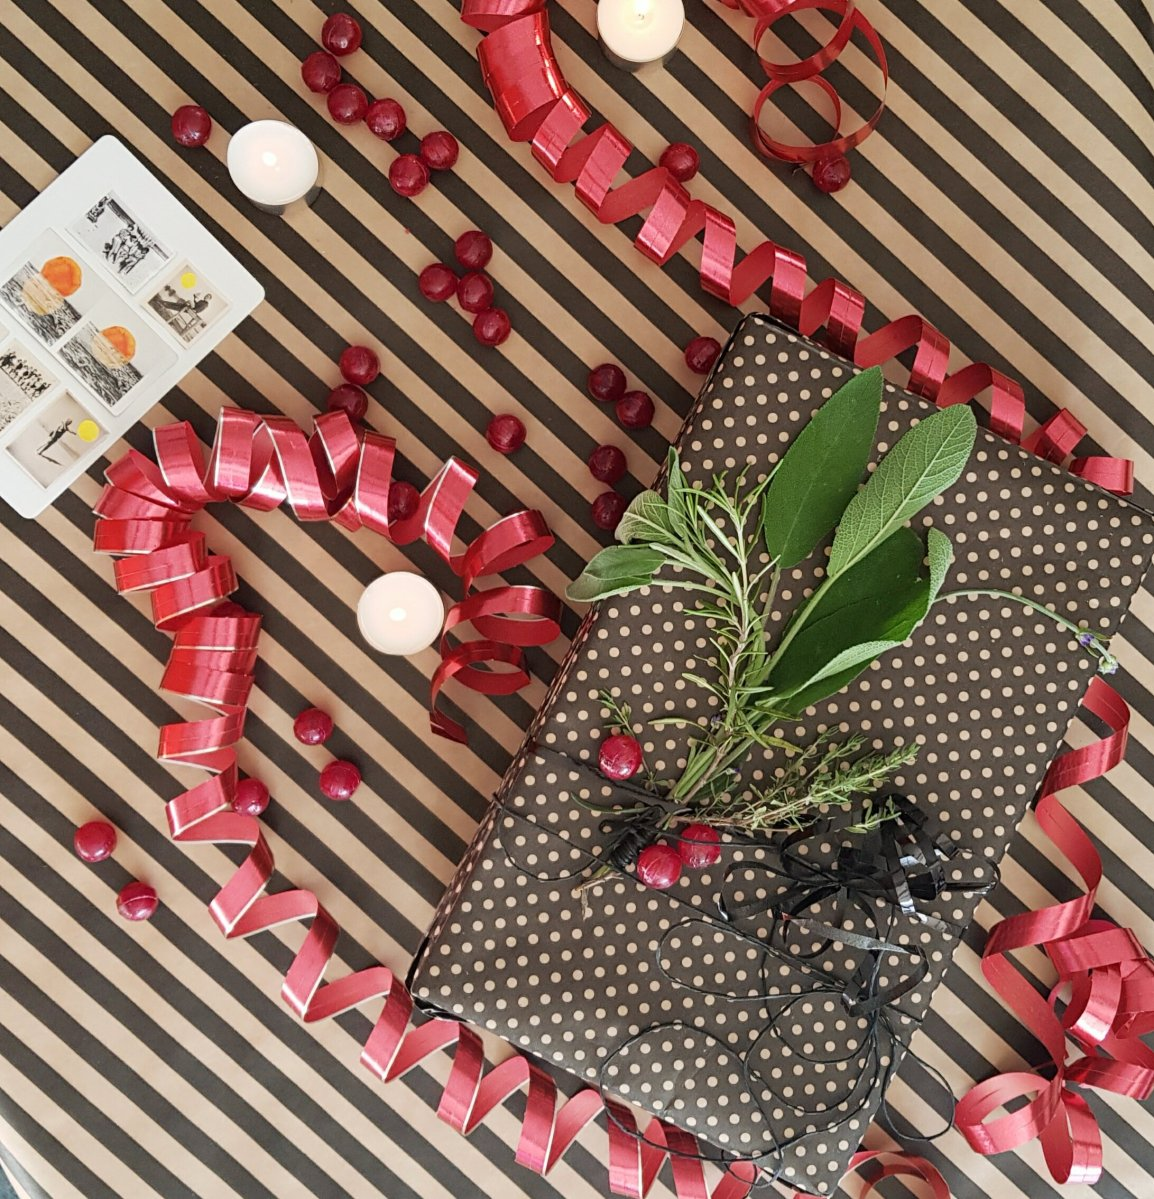 Die aufklappbare Geschenkbox